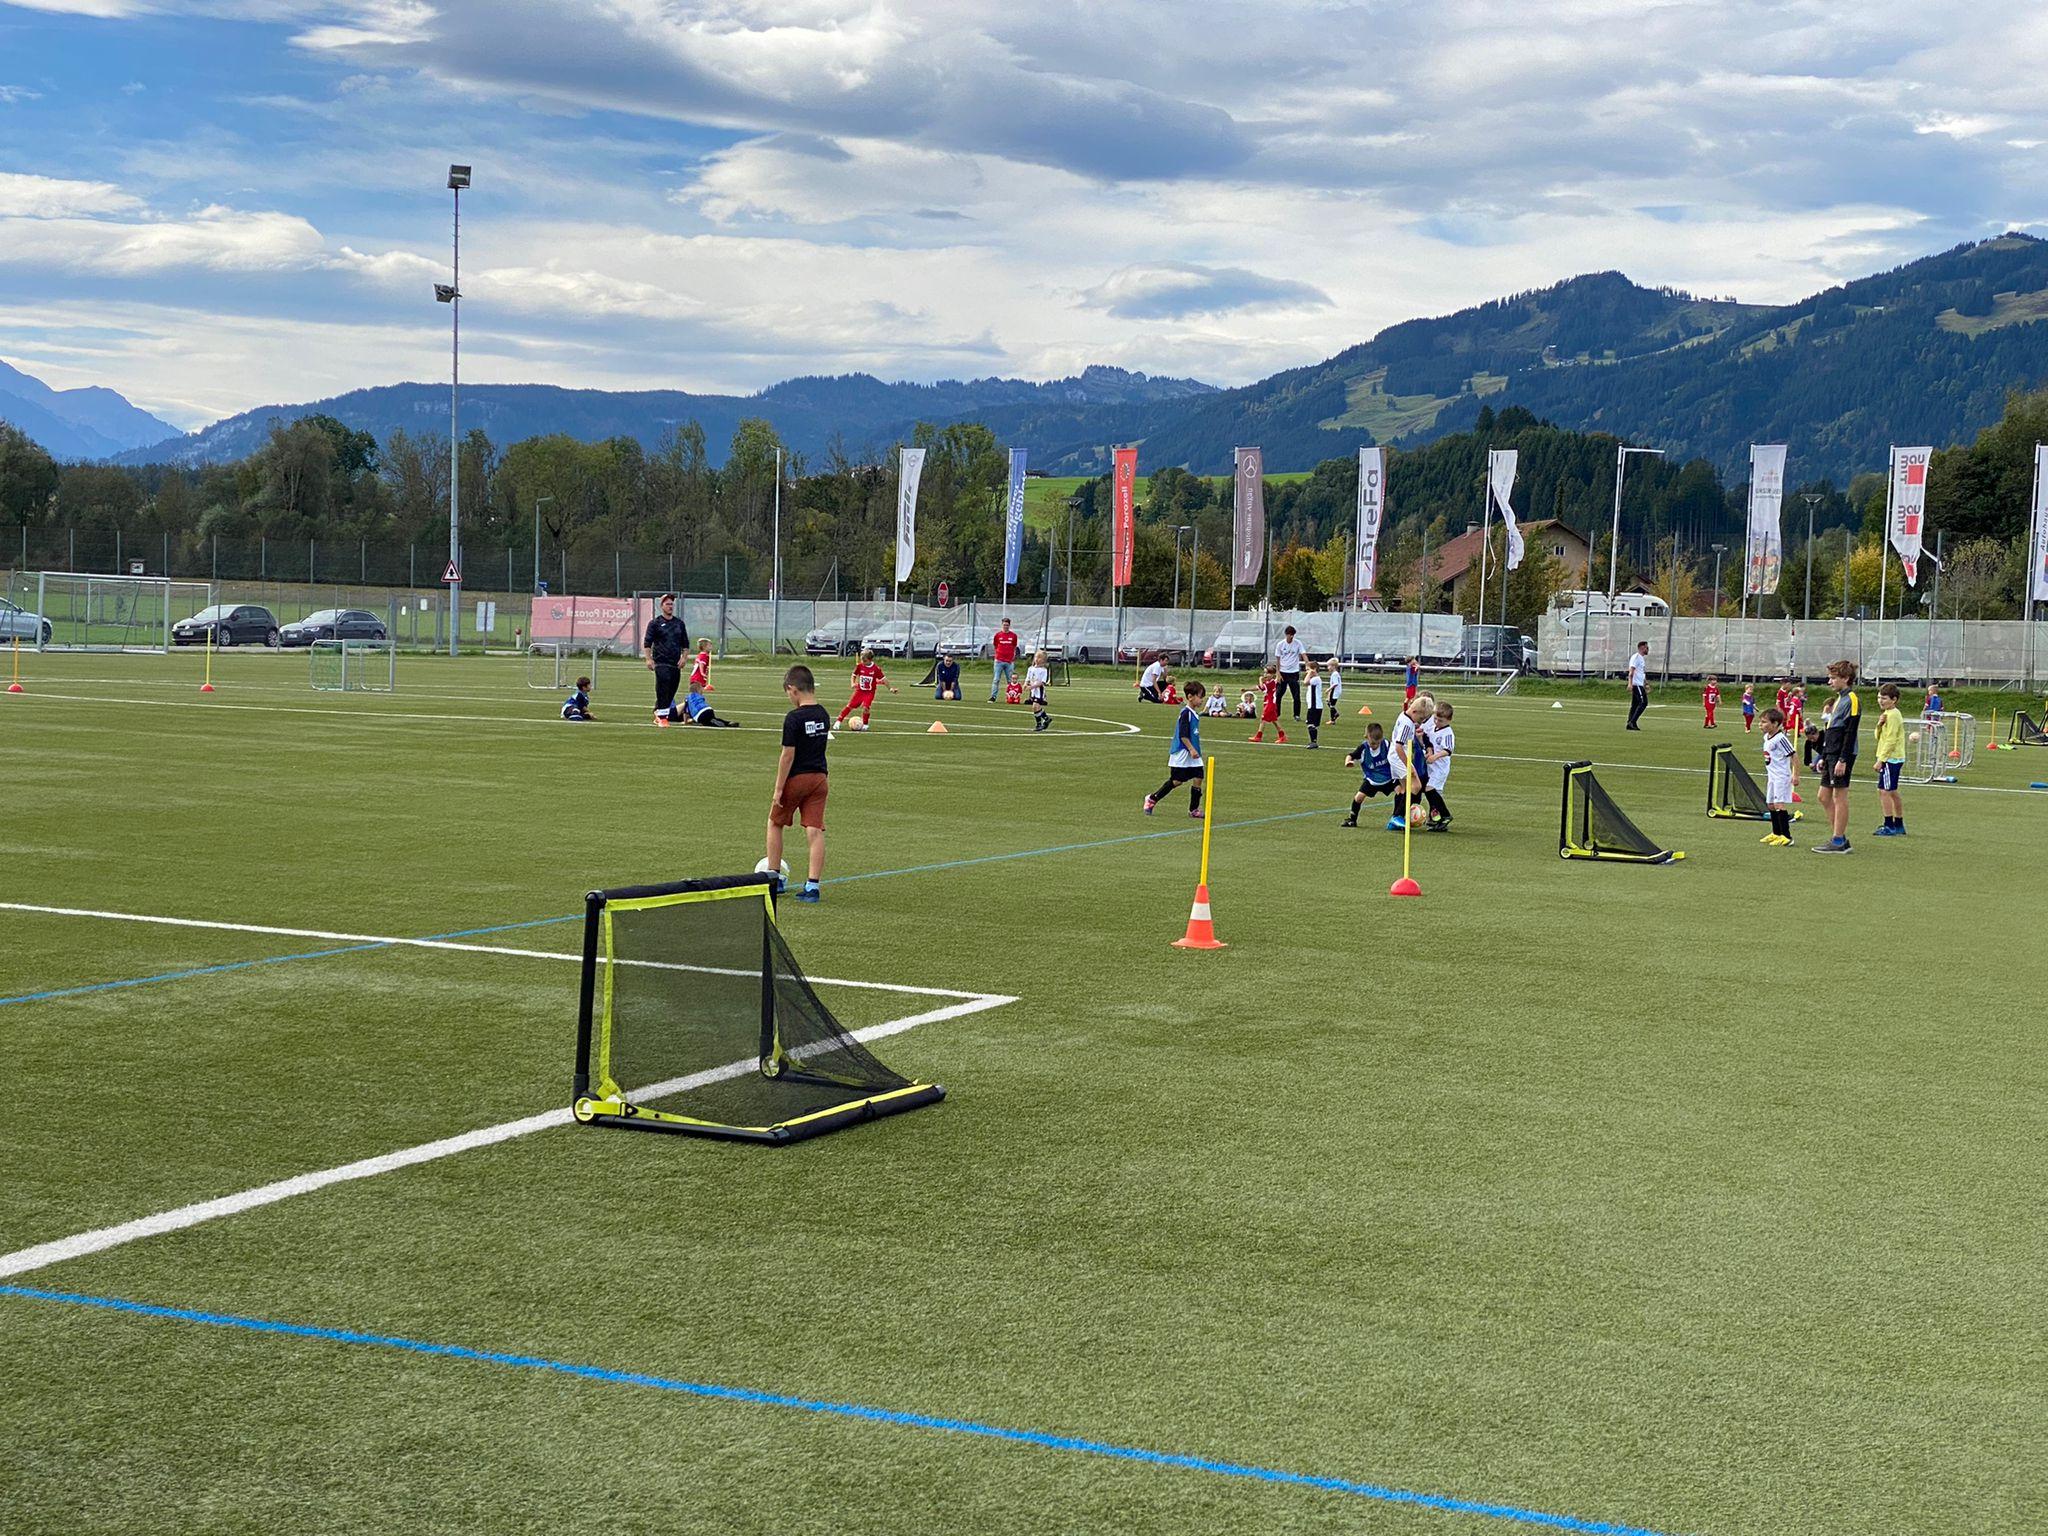 FUNino-Turnier der G-Junioren in Sonthofen